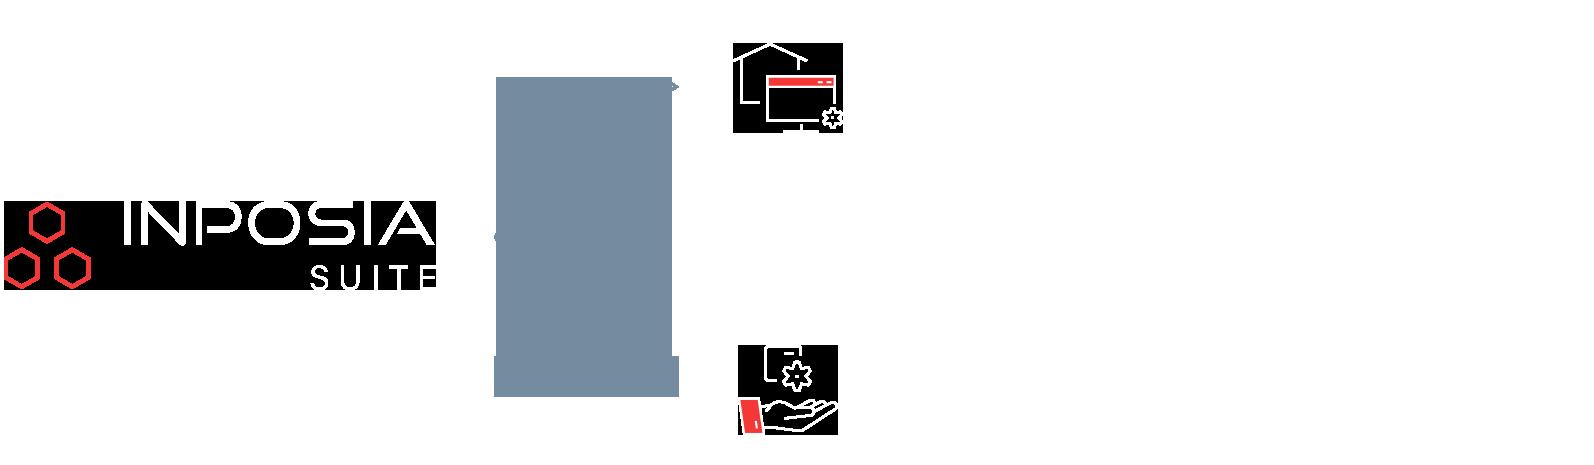 La nostra Suite INPOSIA può essere utilizzata come Managed Service o come stabilimento proprio.